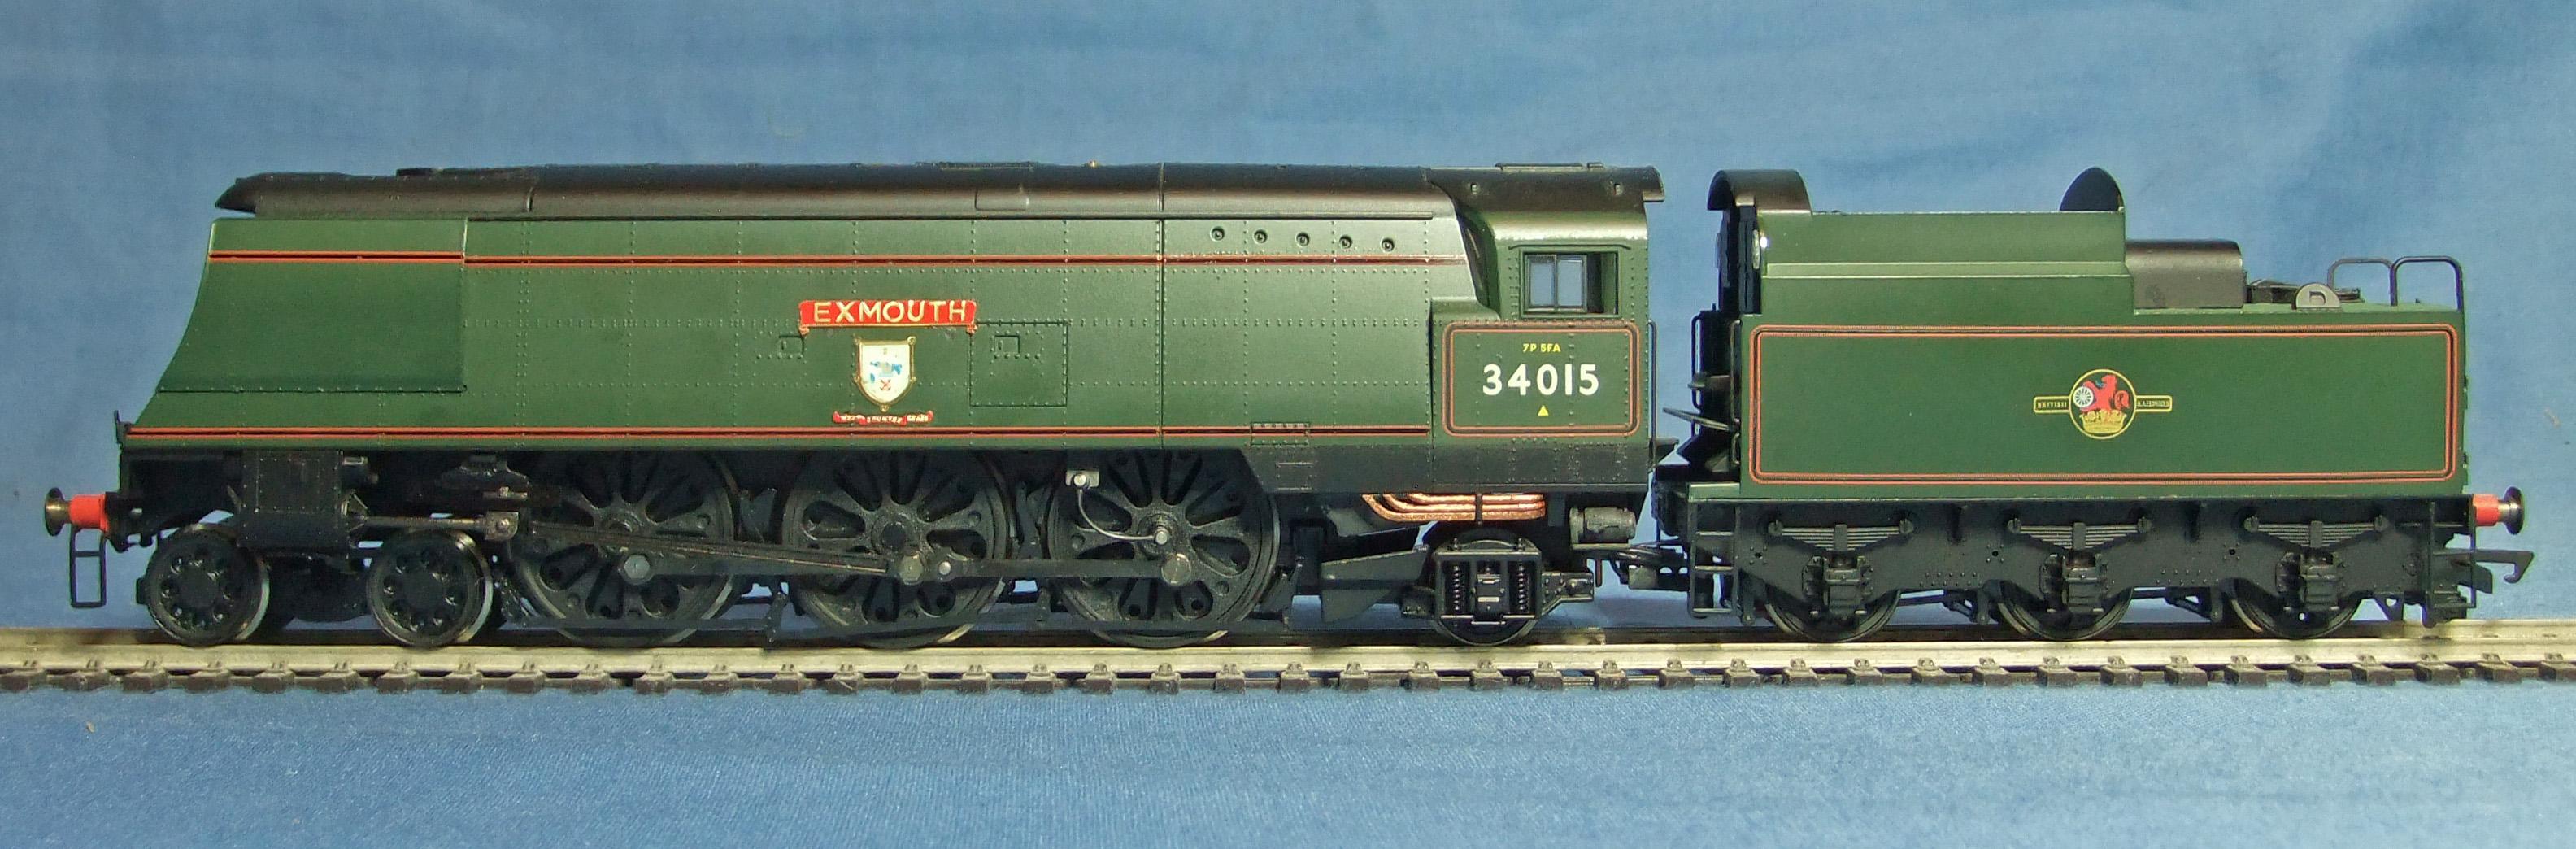 34015-LH-s40